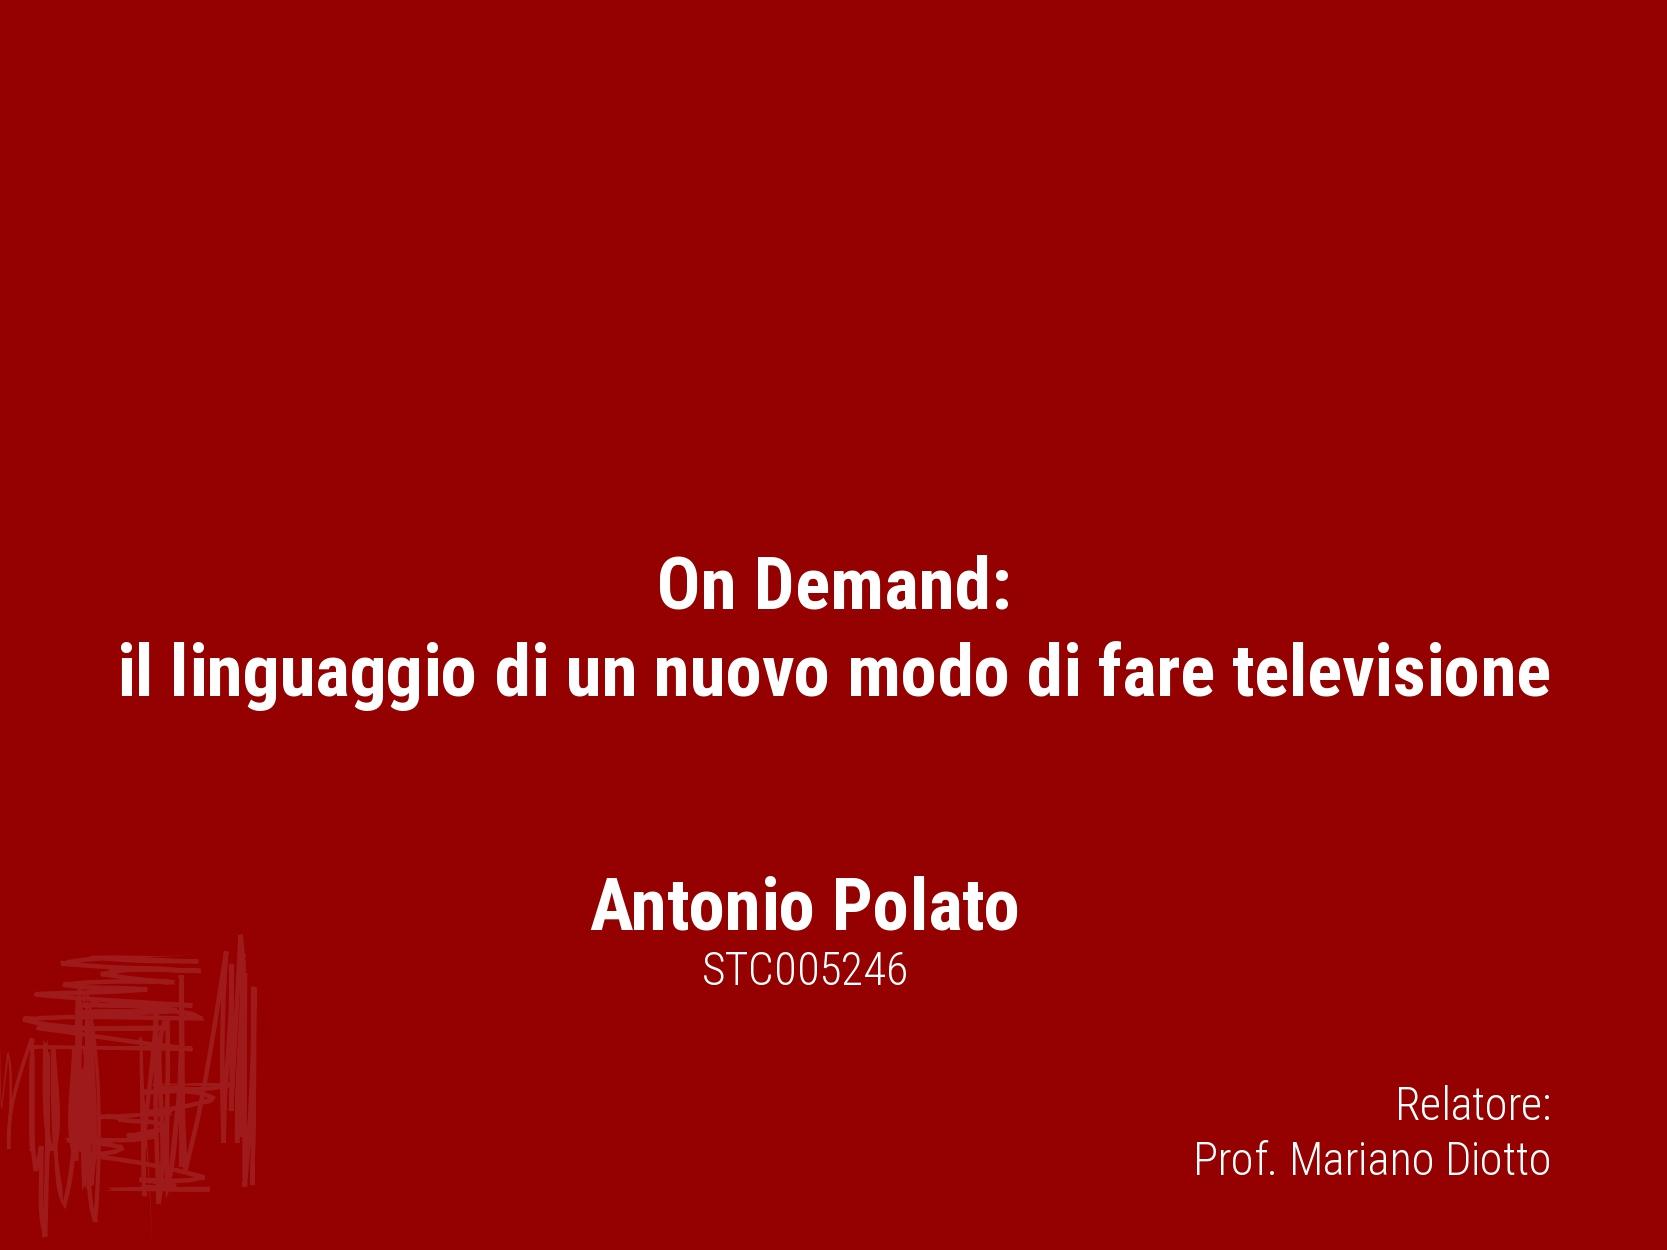 On demand il linguaggio di un nuovo modo di fare la televisione Antonio Polato 02